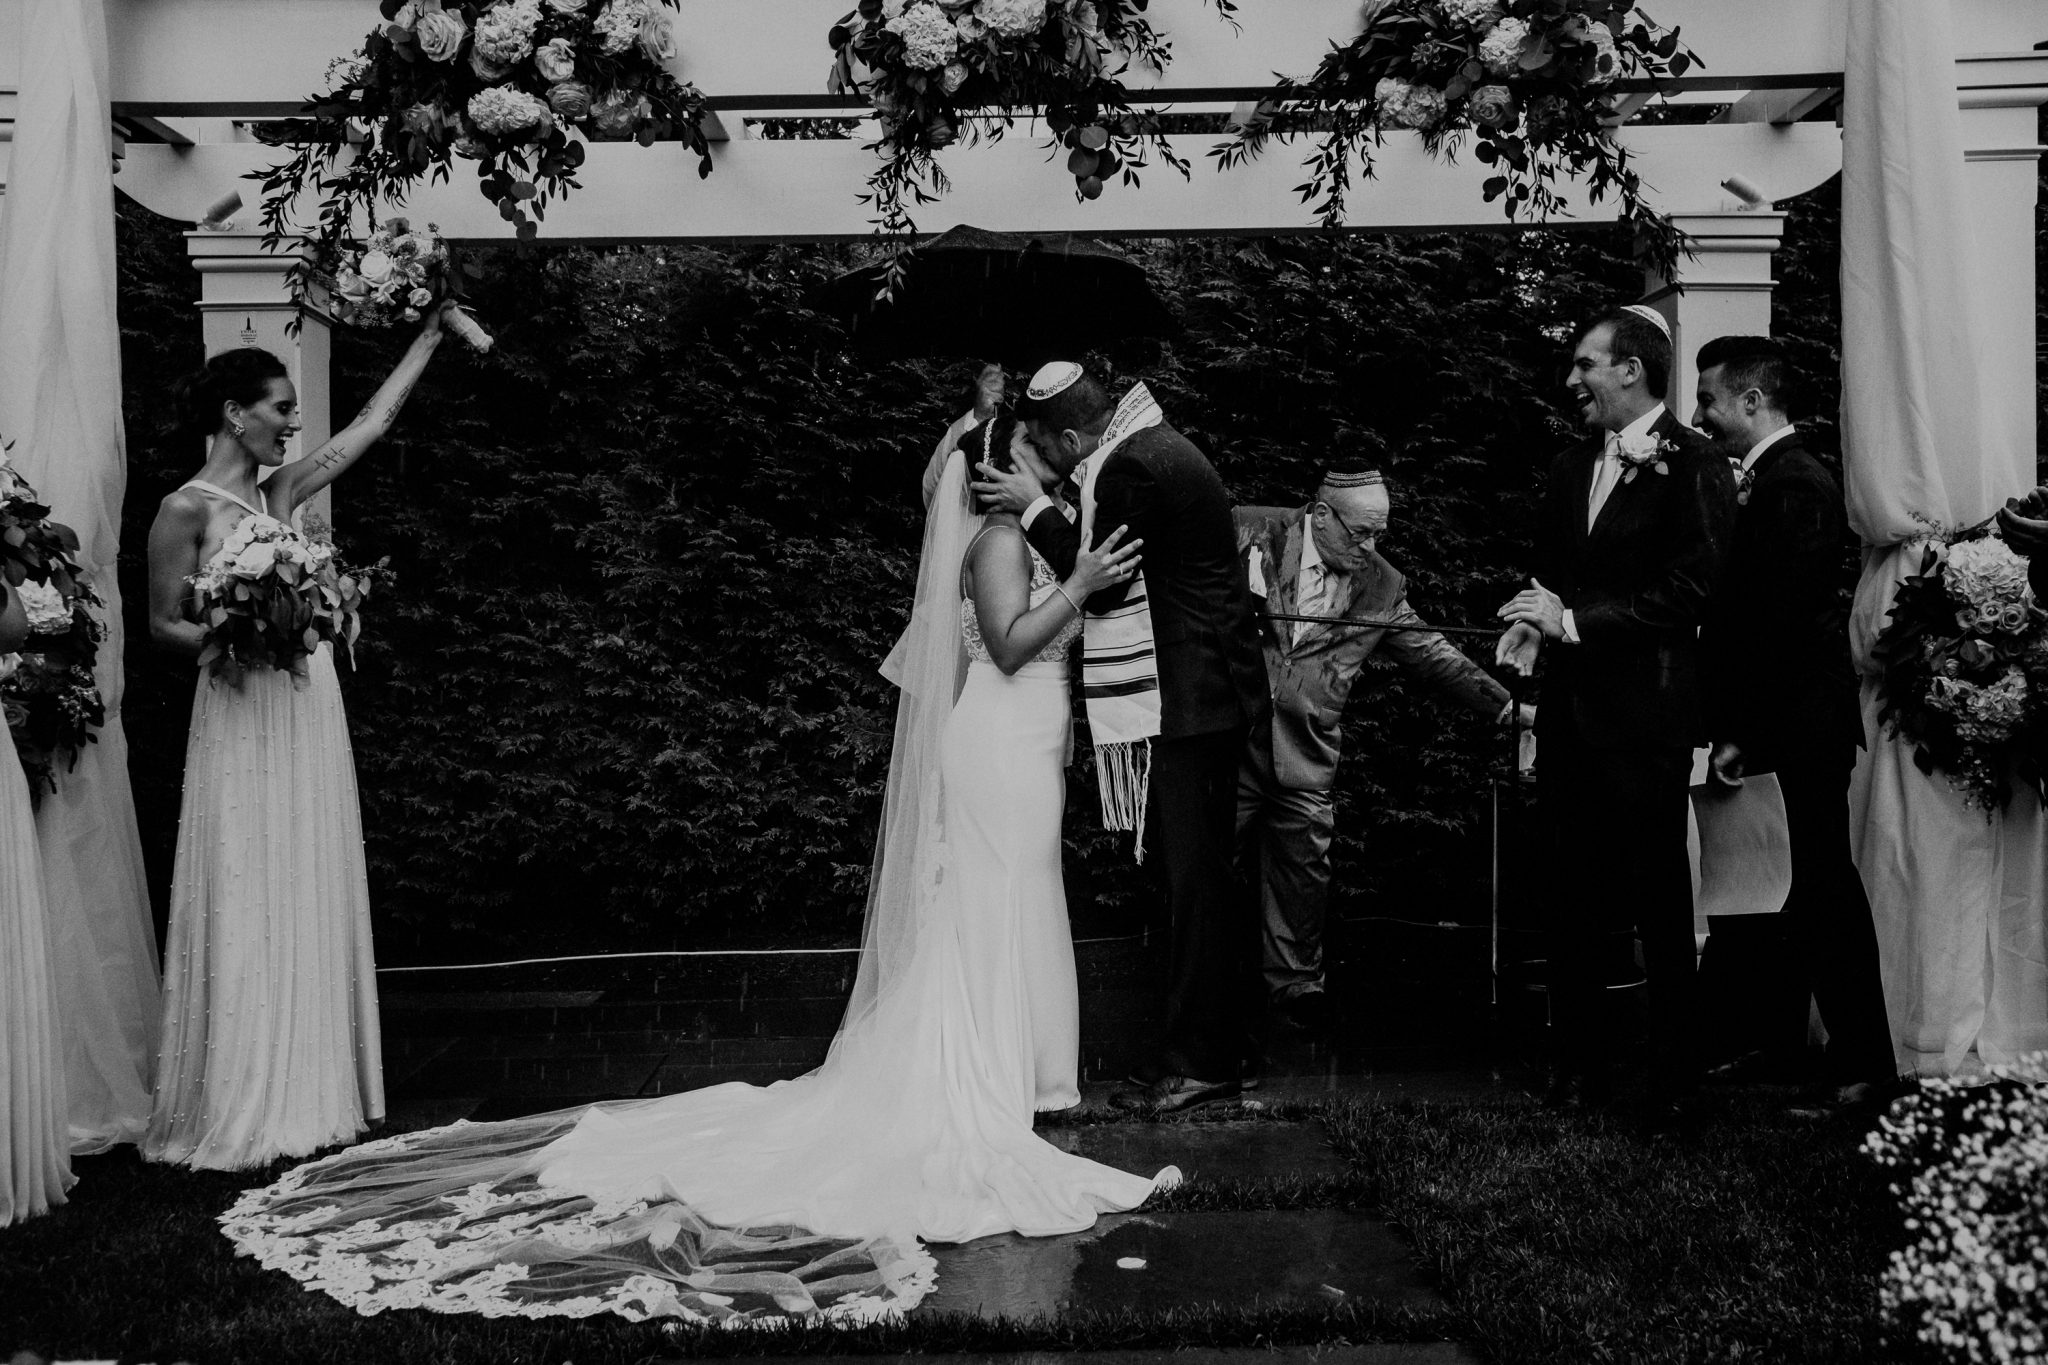 rainy outdoor wedding ceremony